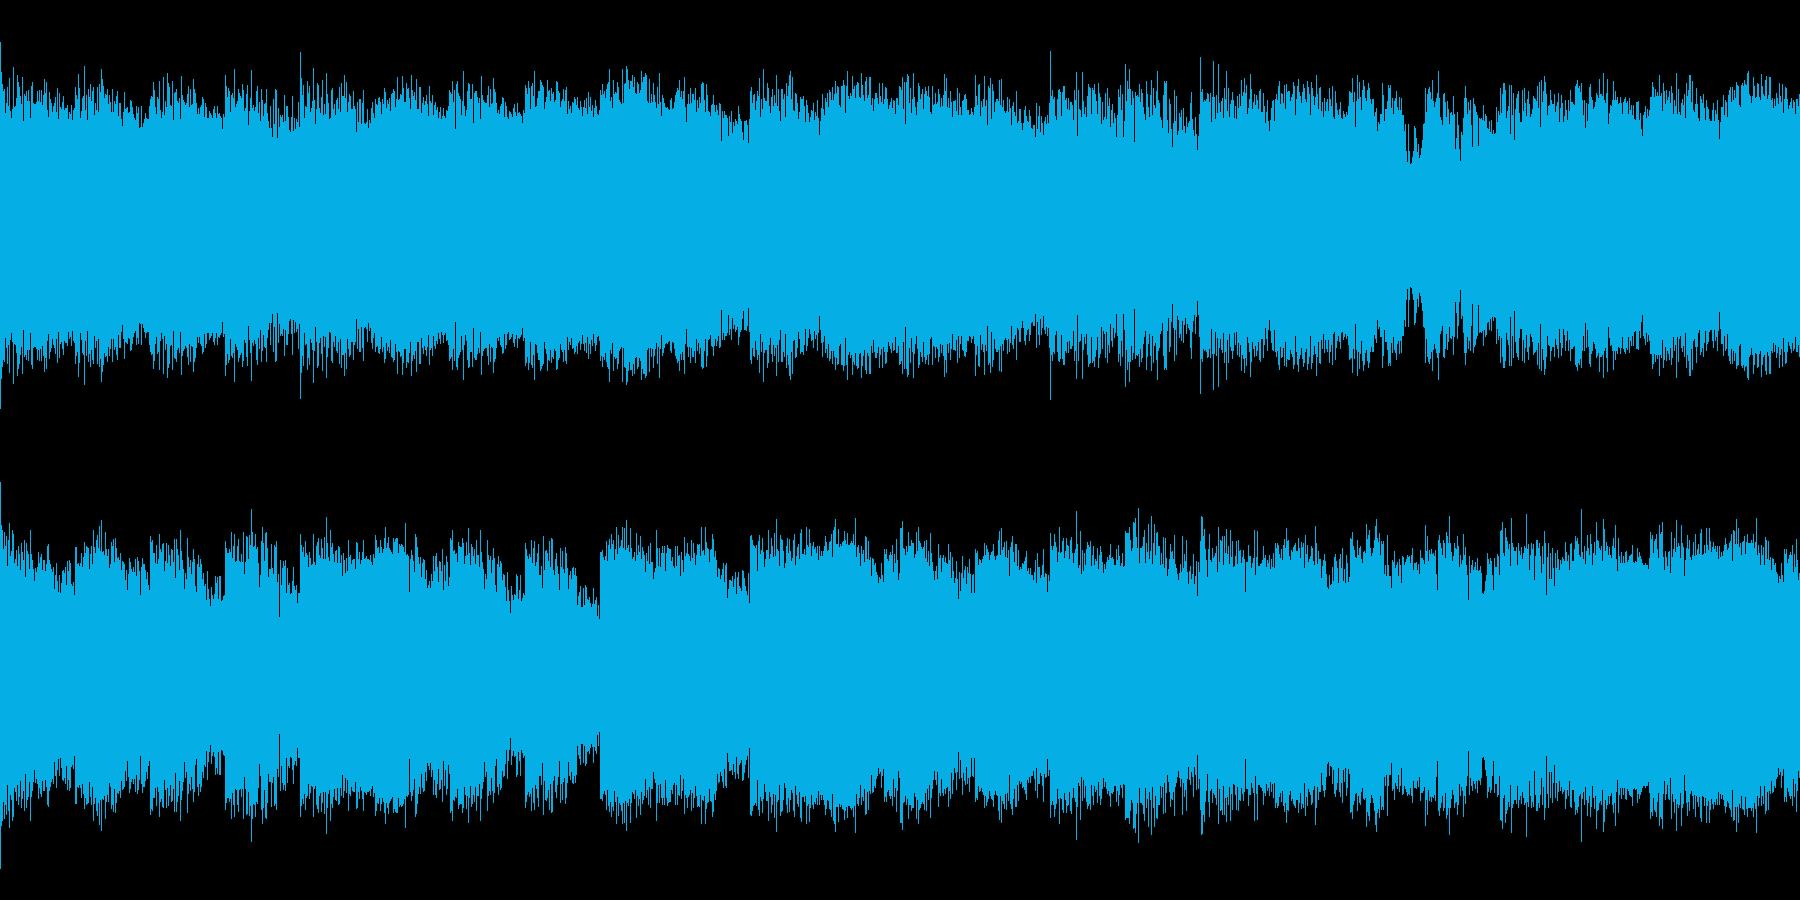 サイレントヒル風 ホラー ノイズ ループの再生済みの波形